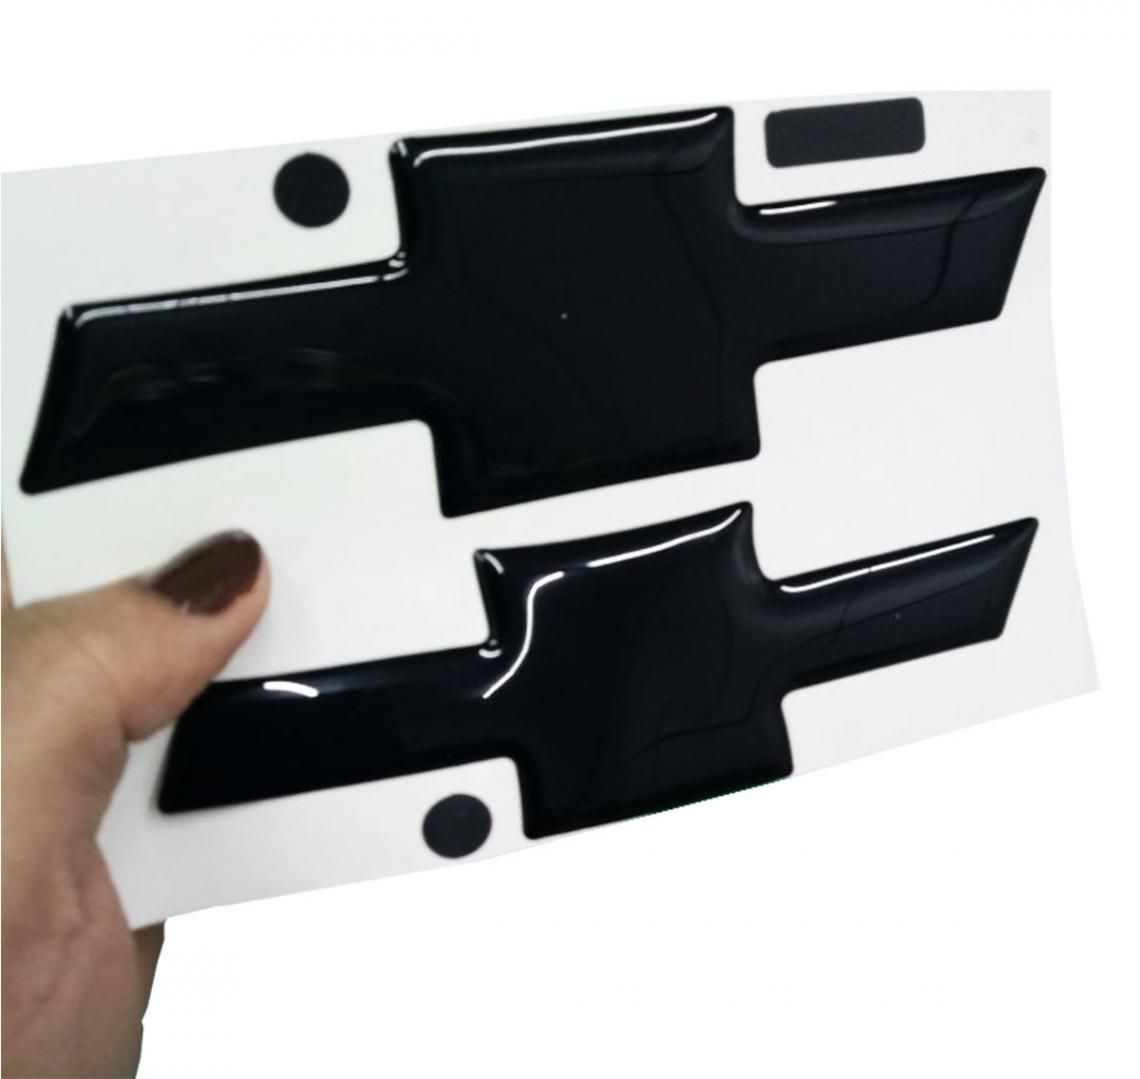 Gravata Adesiva Resinada Chevrolet Agile 09/13 Black Piano